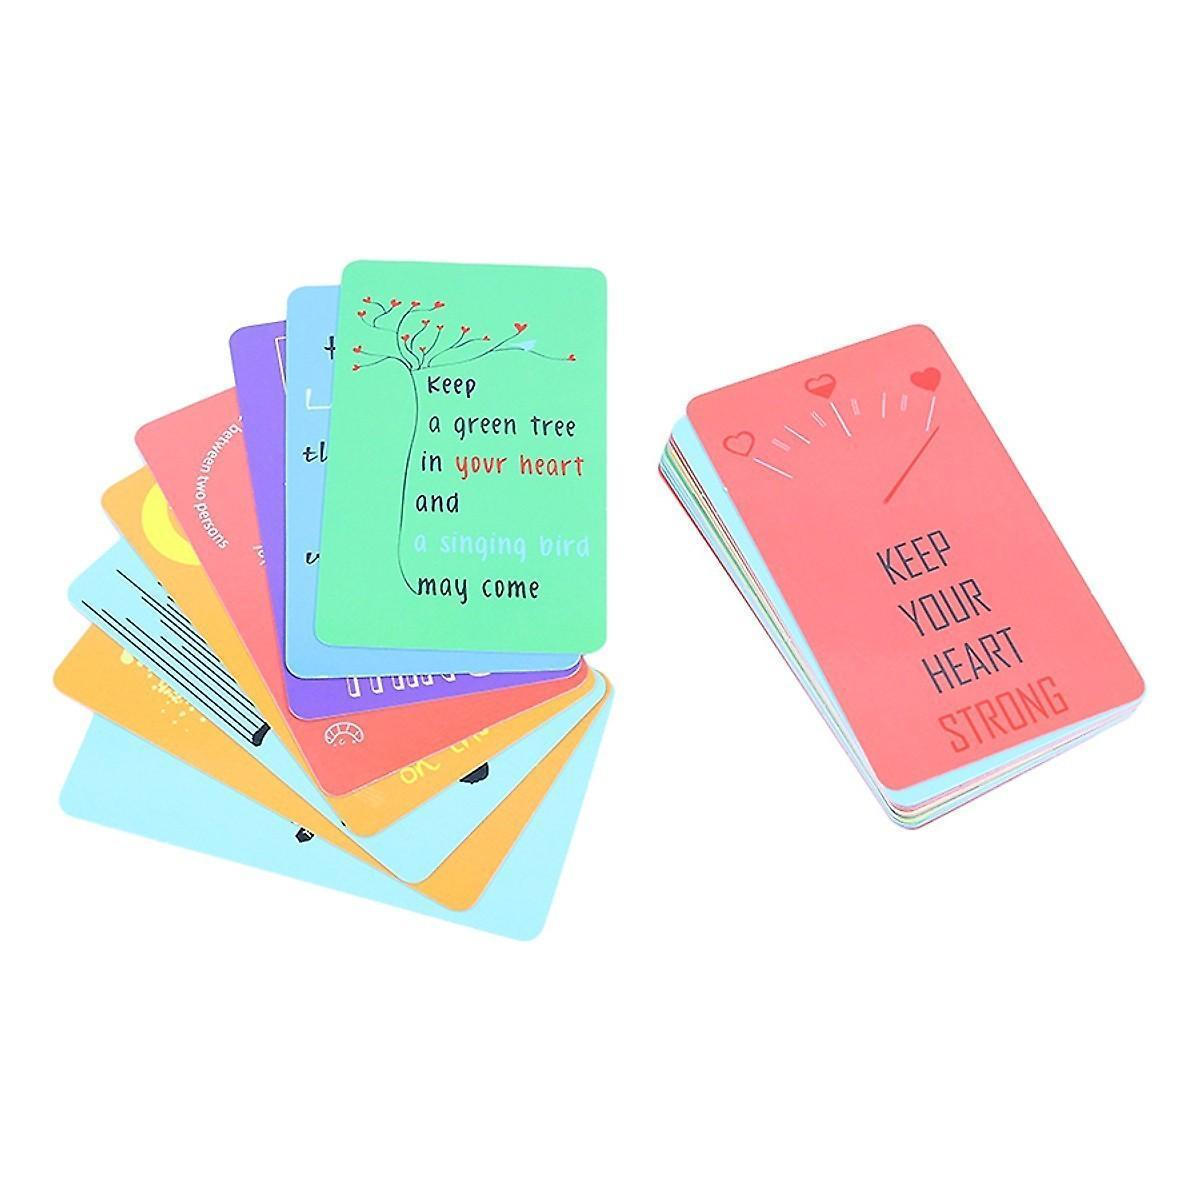 Càng Độc Lập Càng Cao Quý - Cuốn Sách Kỹ Năng Tuyệt Vời Dành Cho Các Bạn Nữ / Tặng Kèm Bookmark Happy Life Siêu Xinh